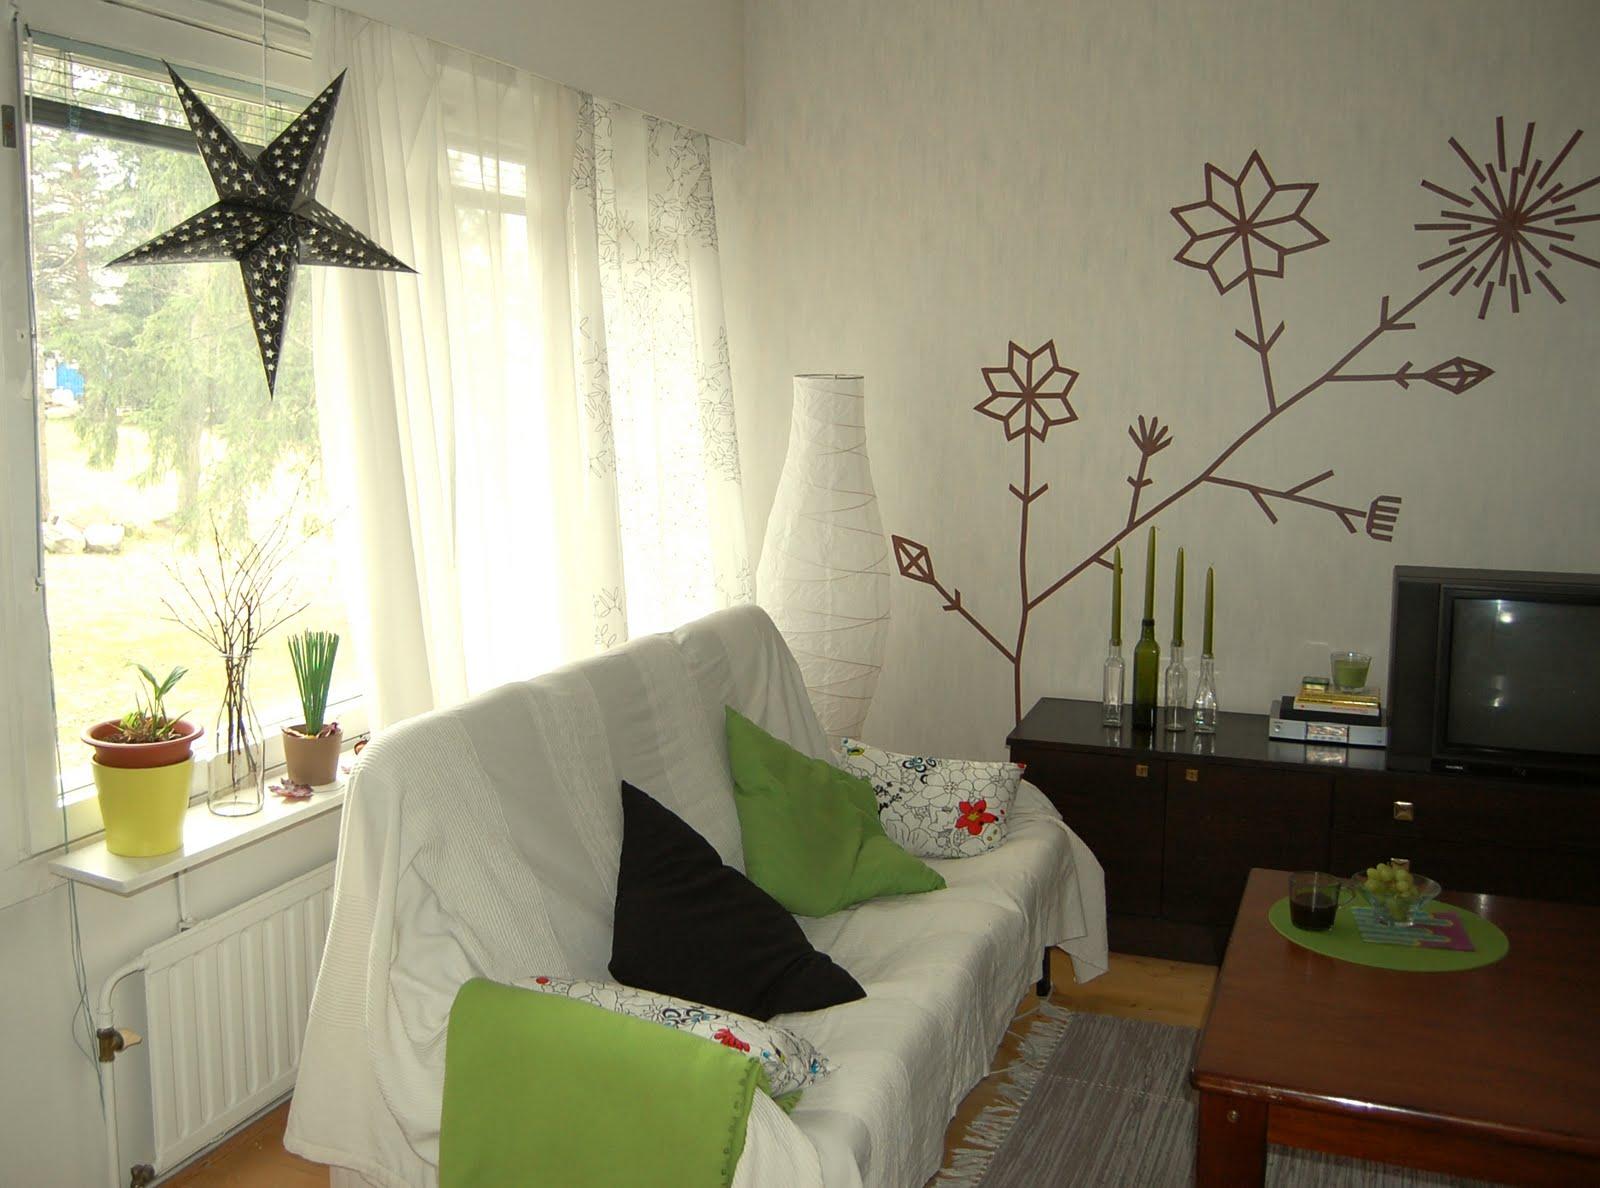 Usa cinta adhesiva para decorar tu casa blog de bienes - Cintas para decorar ...